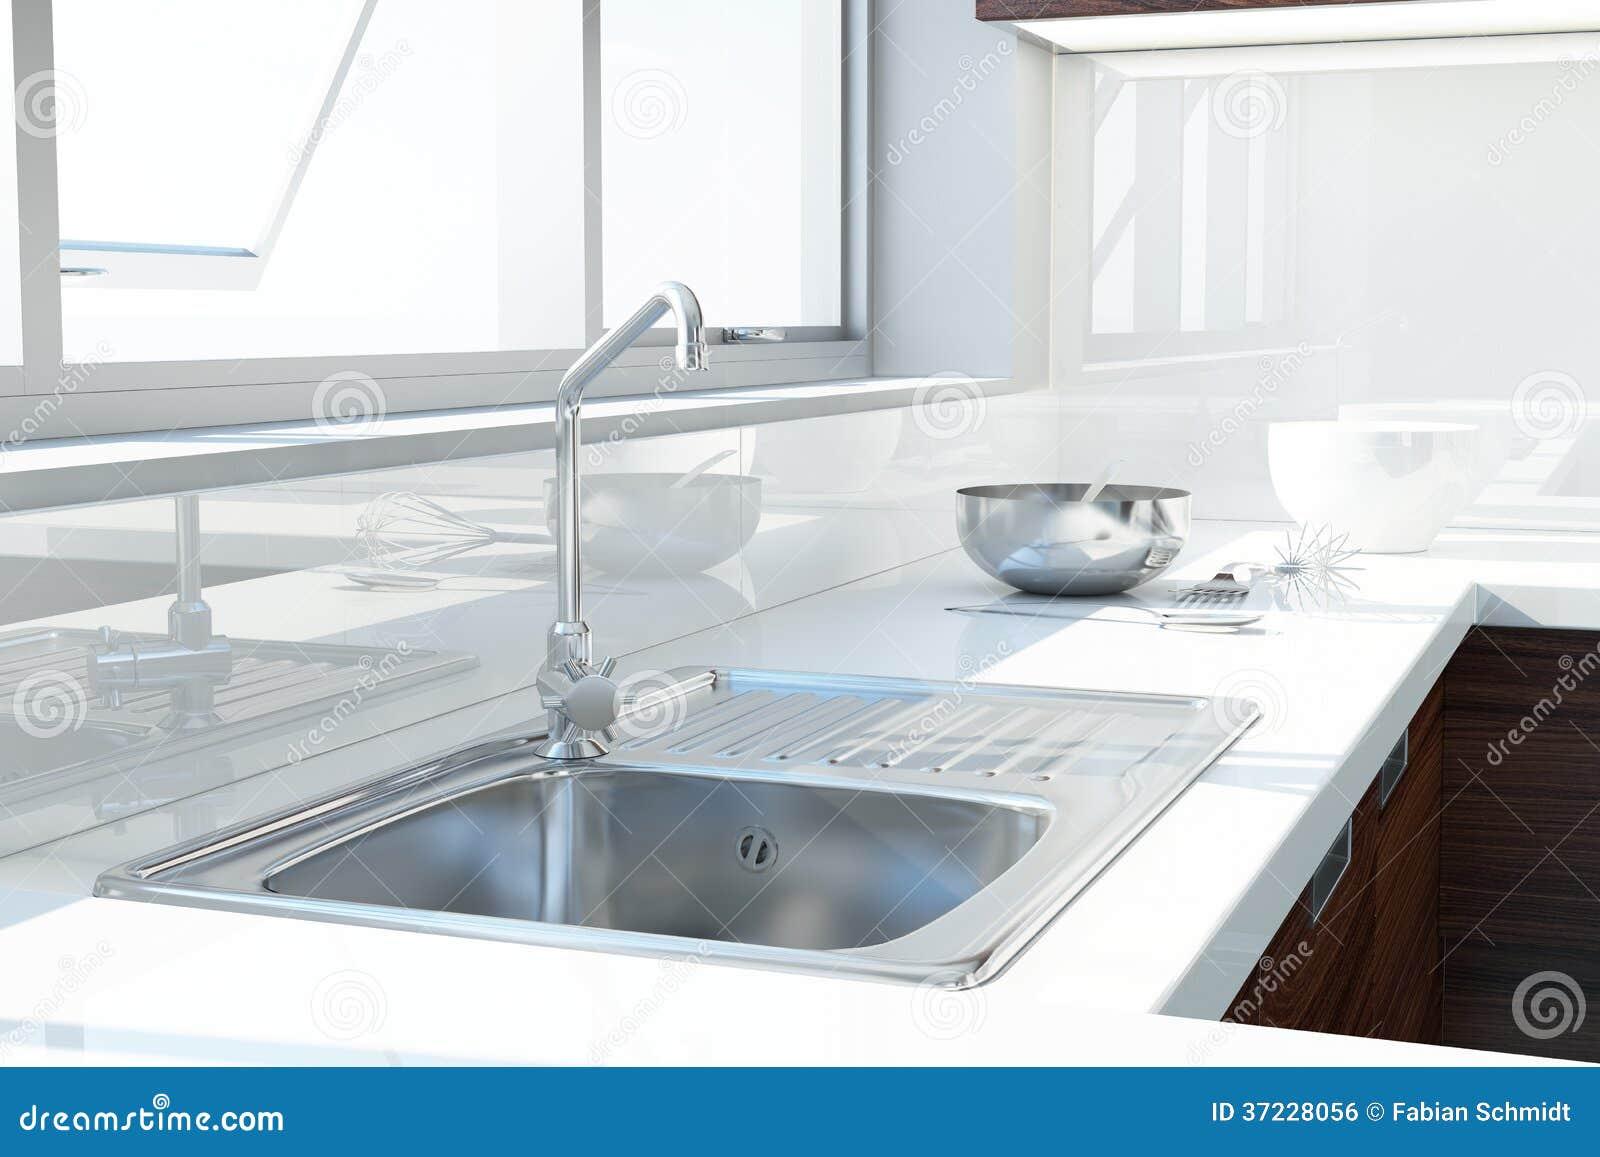 Moderne Weiße Küche Lizenzfreies Stockbild - Bild: 37228056